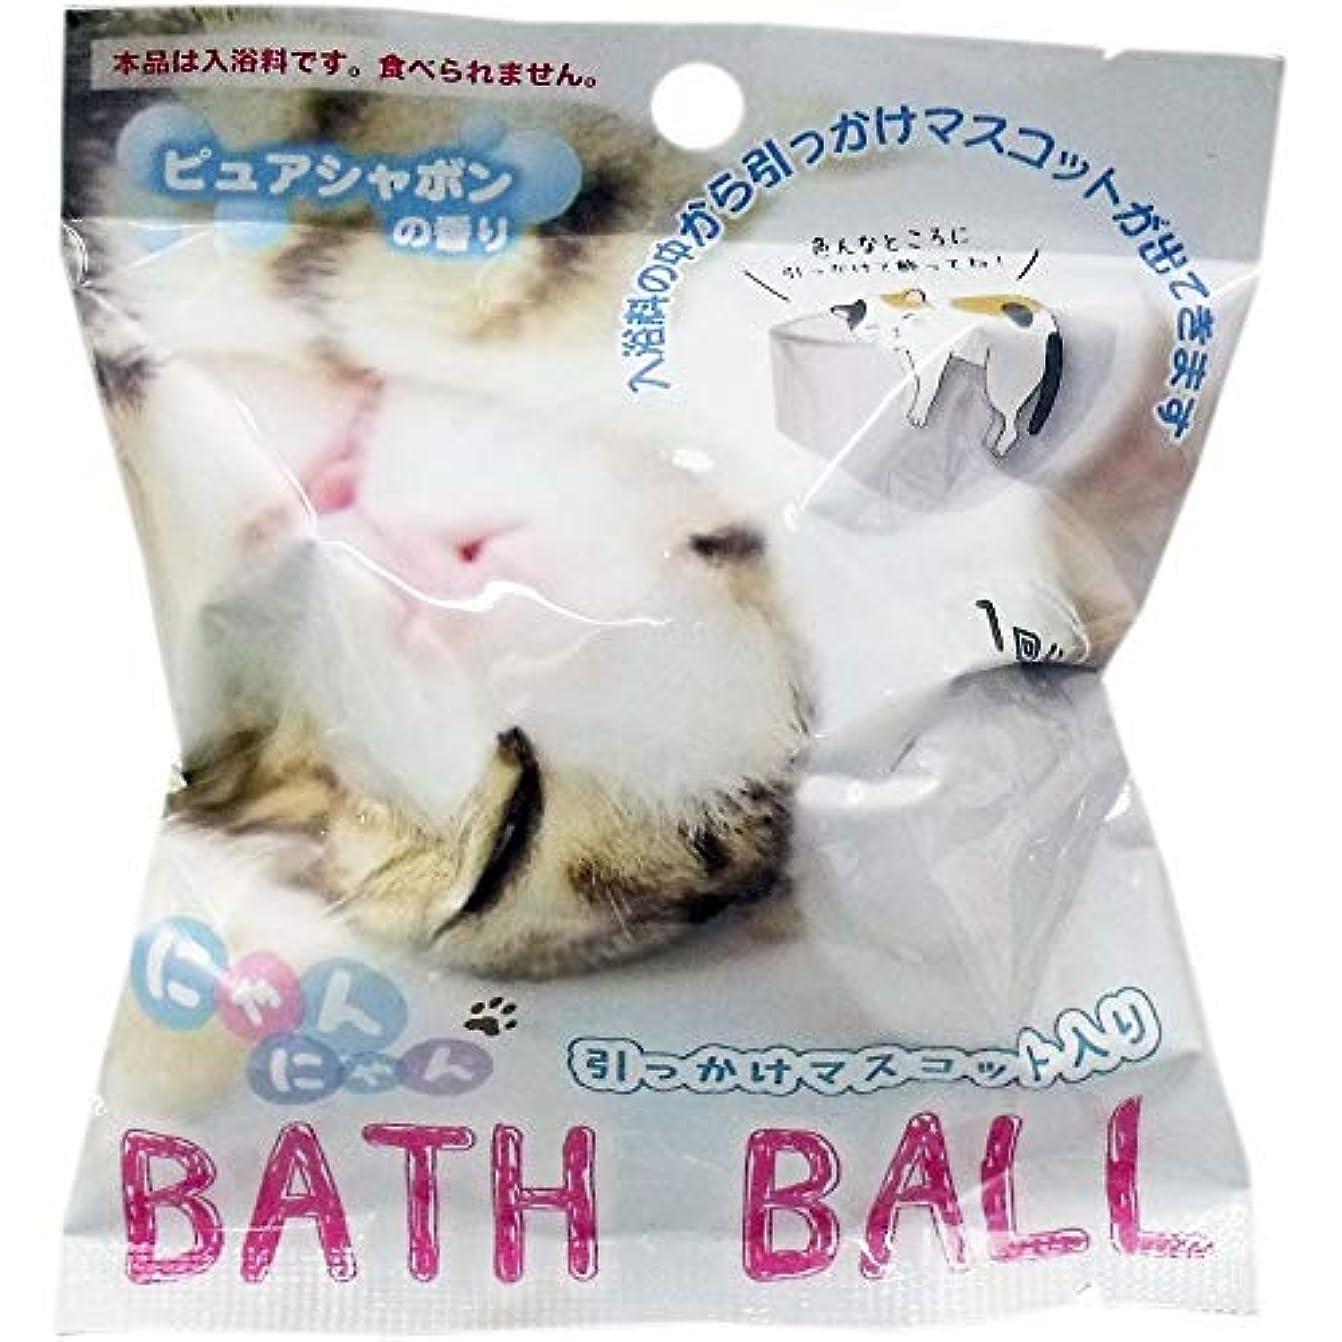 提案運動ブルーベル【2個セット】 バスボール 入浴剤 中身はおまかせ 動物 にゃんにゃん ネコ 全5種 ピュアシャボンの香り